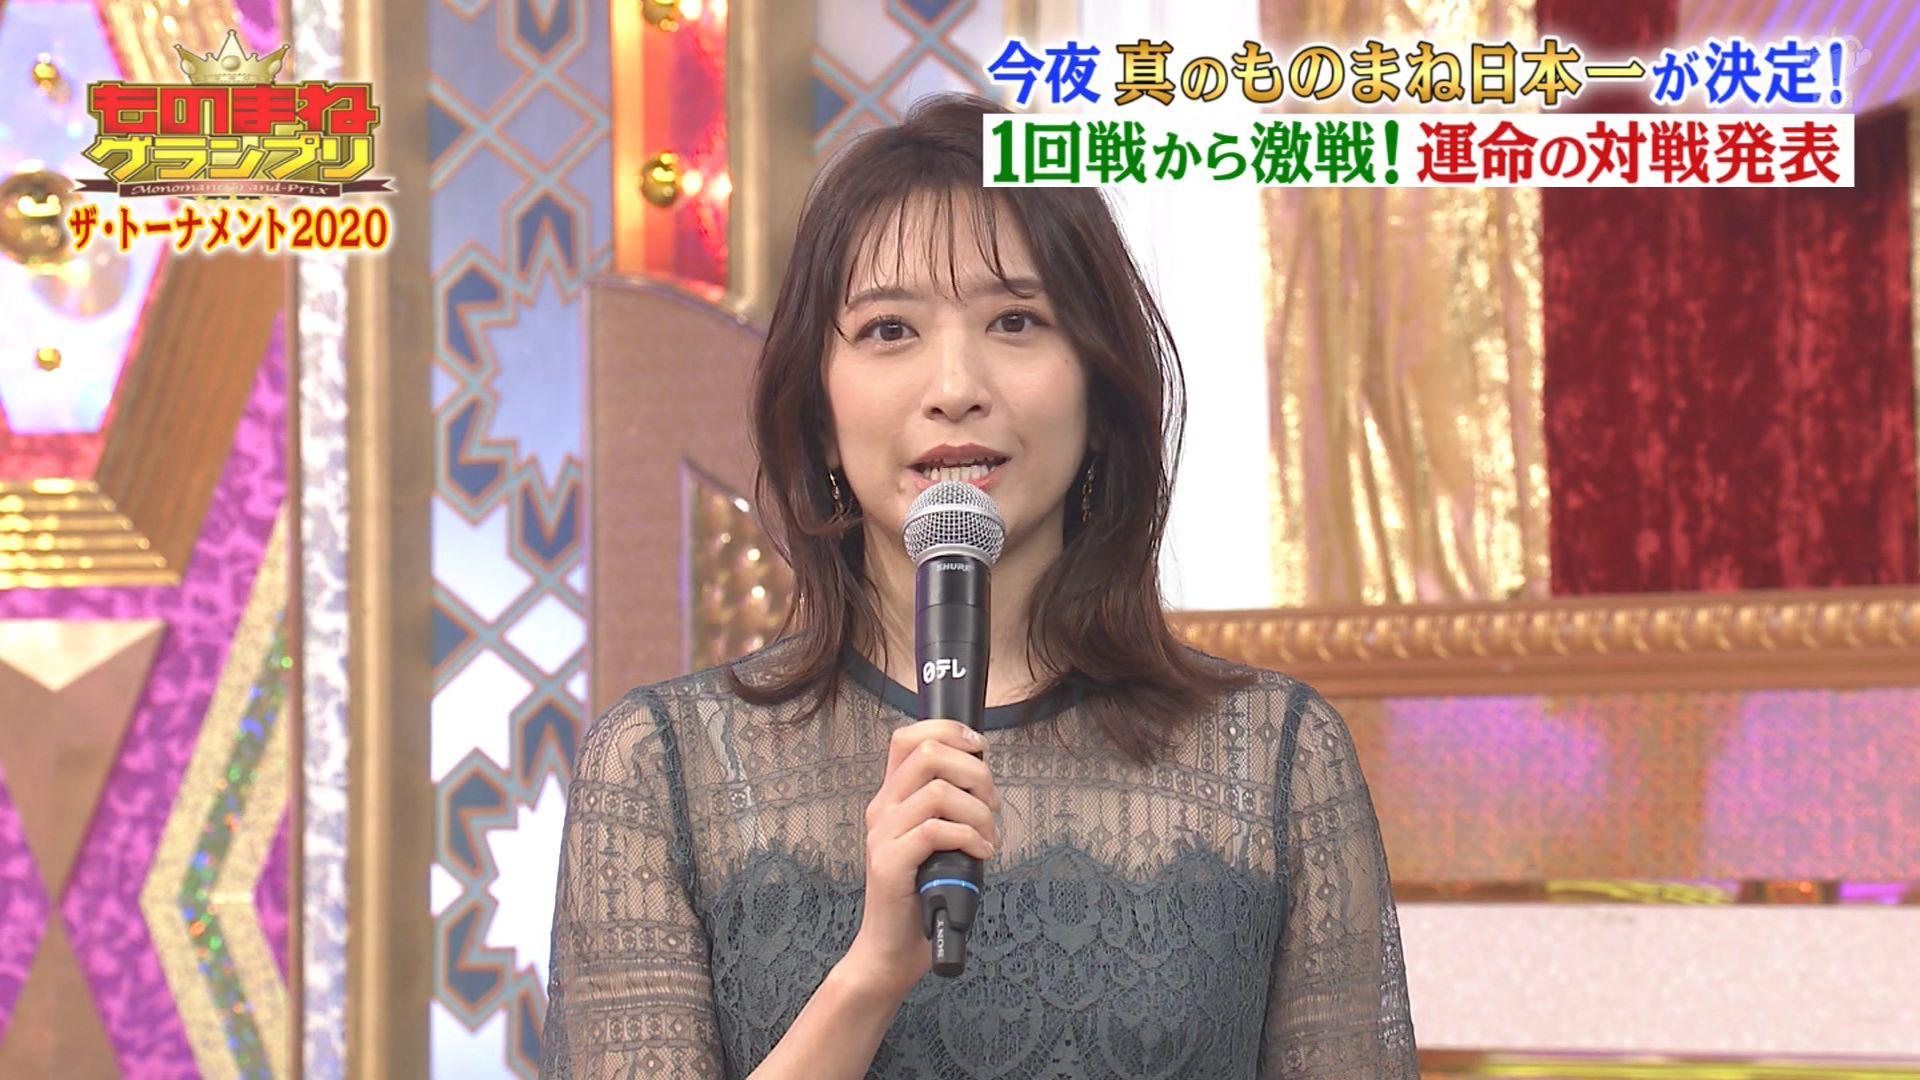 2020/12 笹崎里菜